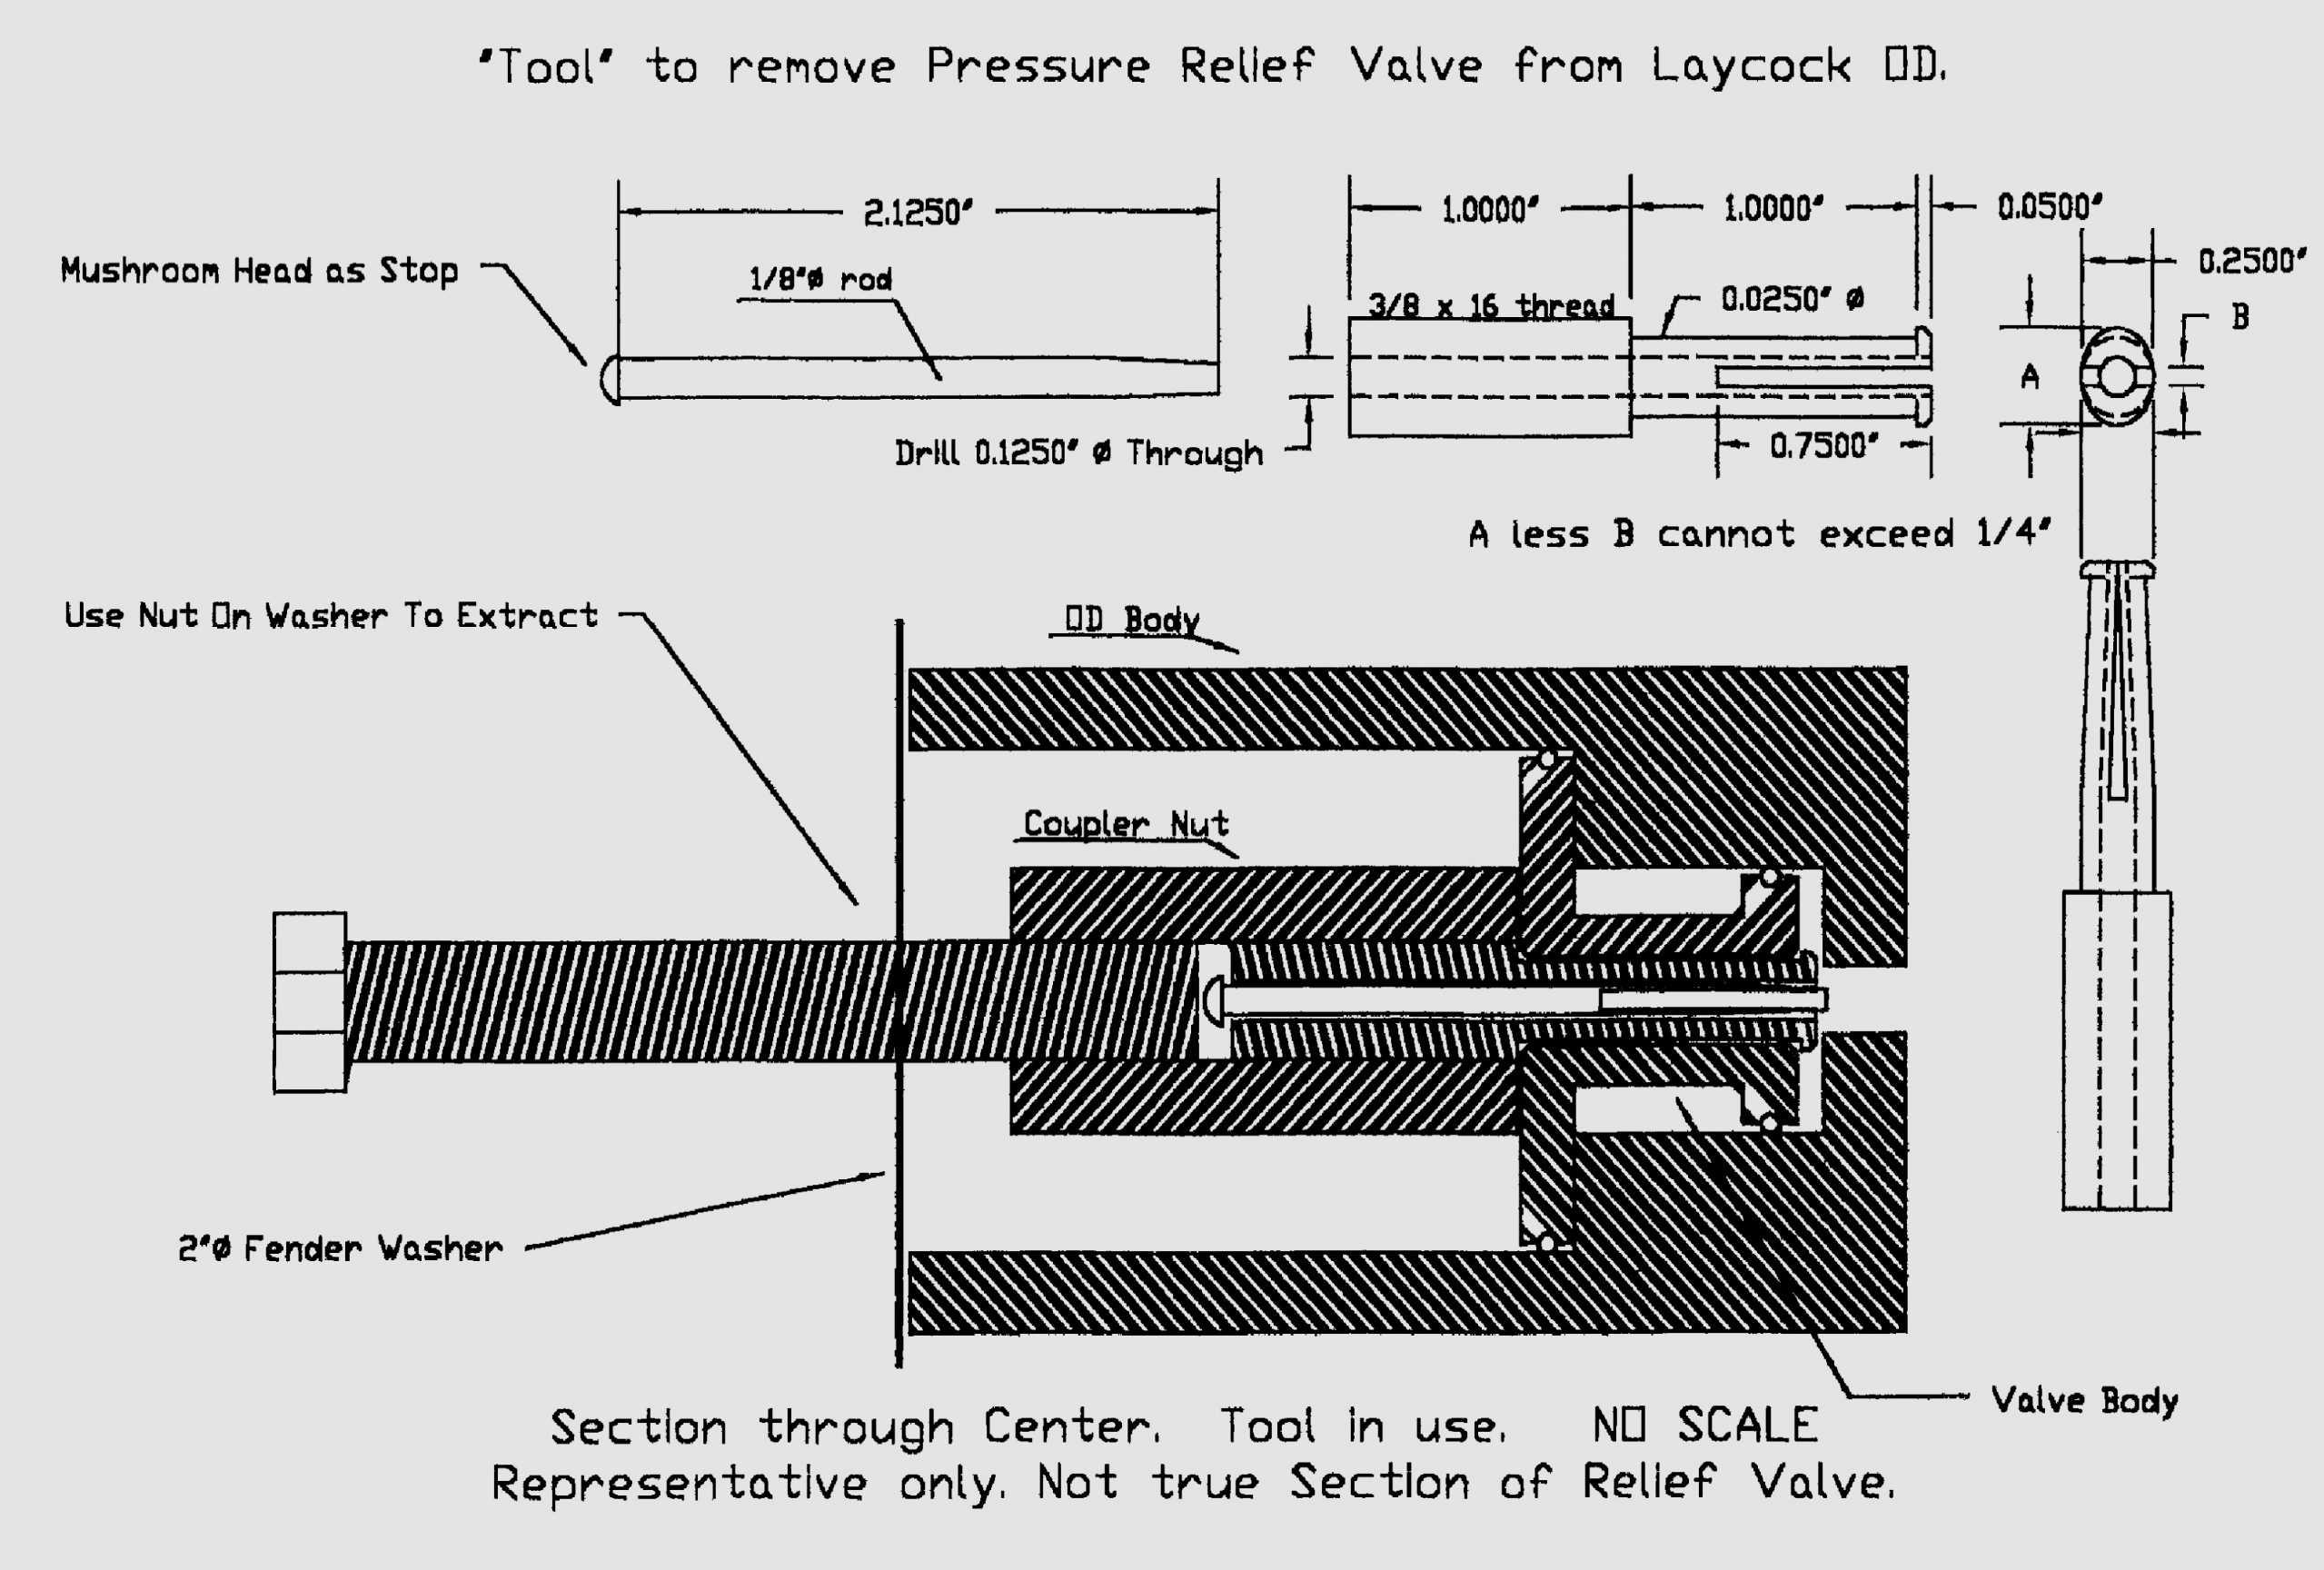 Kubota Key Switch Wiring Diagram - Wiring Diagram Description - Kubota Ignition Switch Wiring Diagram